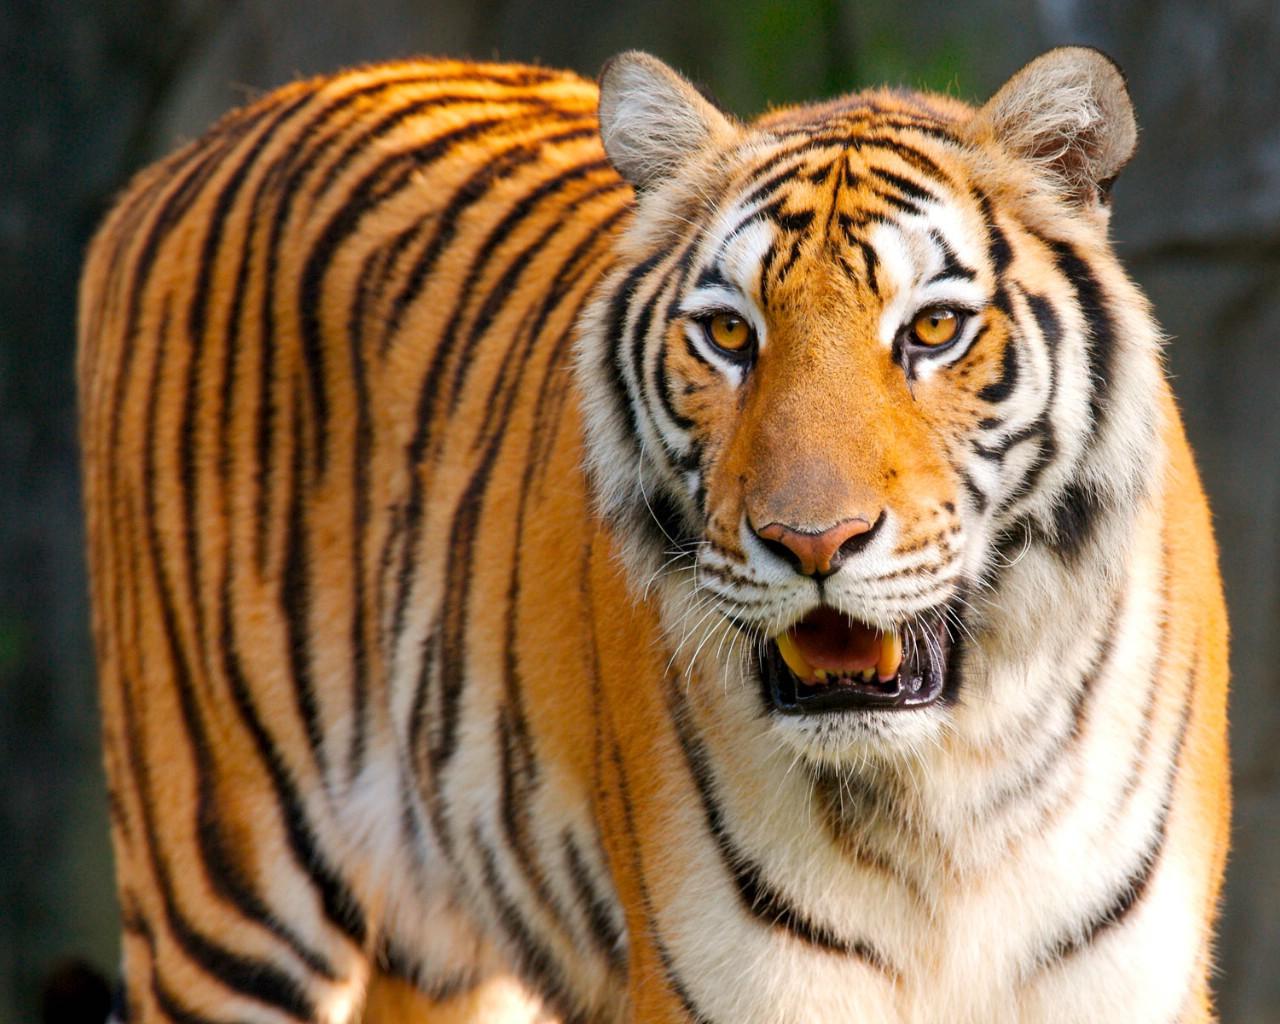 老虎写真壁纸图片动物壁纸动物图片素材桌面壁纸